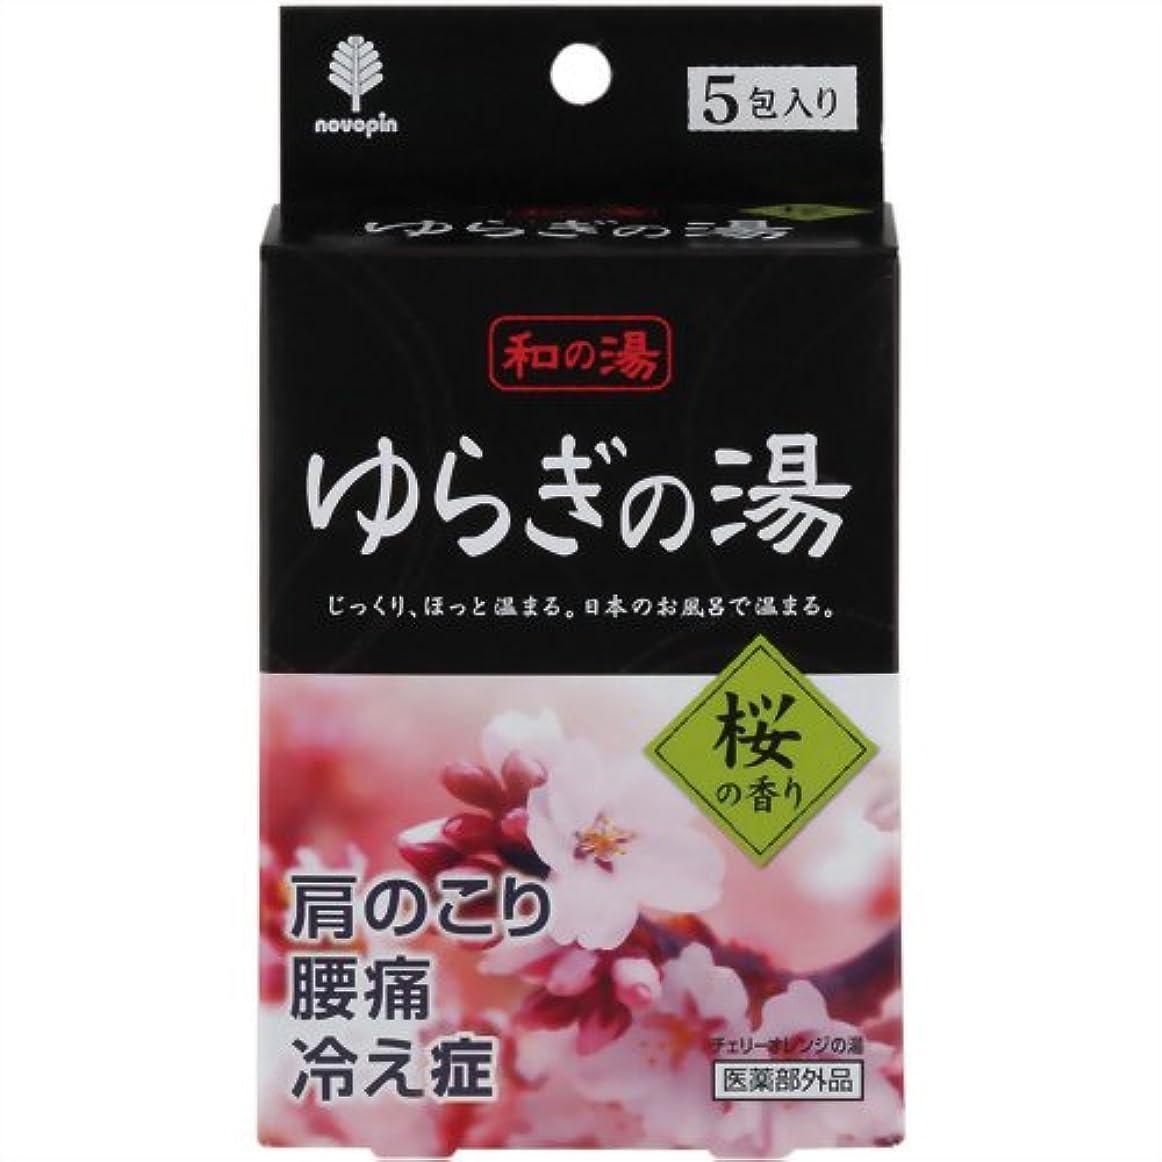 サーキュレーション当社一和の湯 ゆらぎの湯 桜の香り